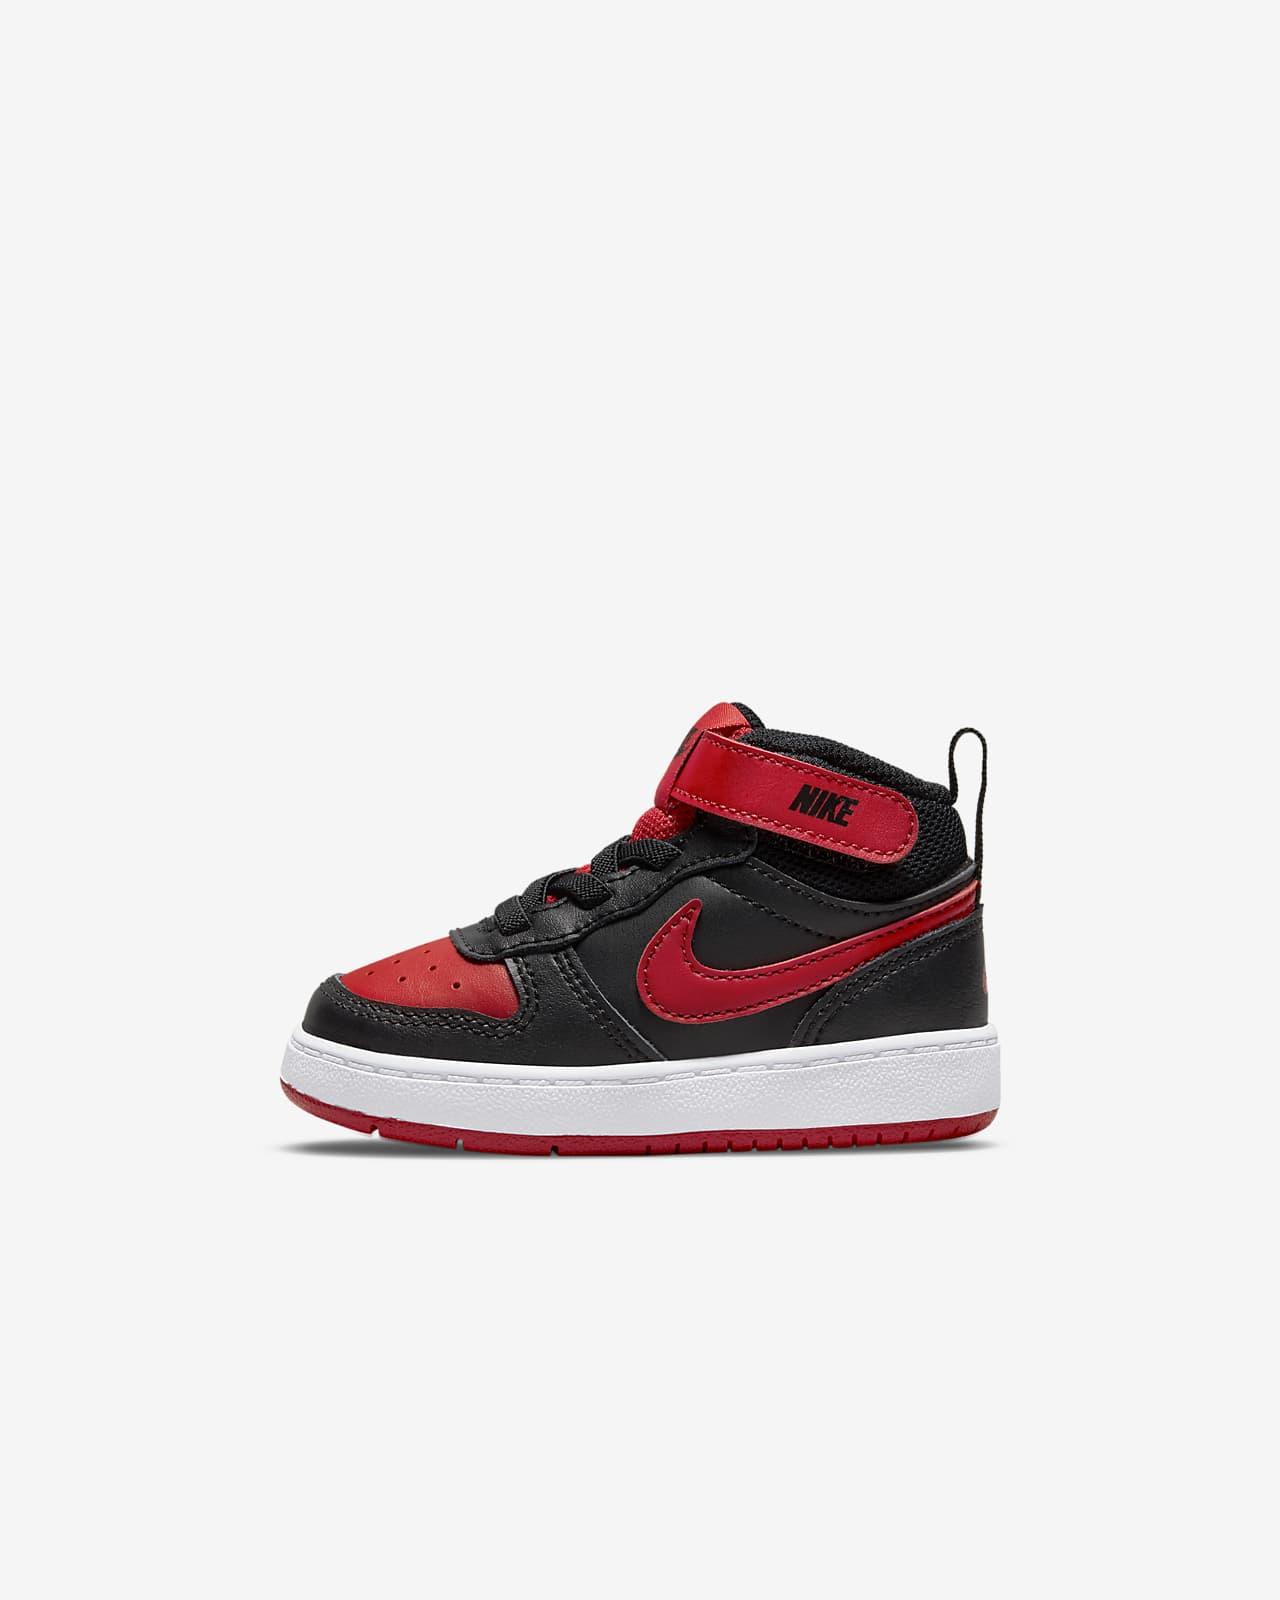 Nike Court Borough Mid 2 (TDV) 婴童运动童鞋